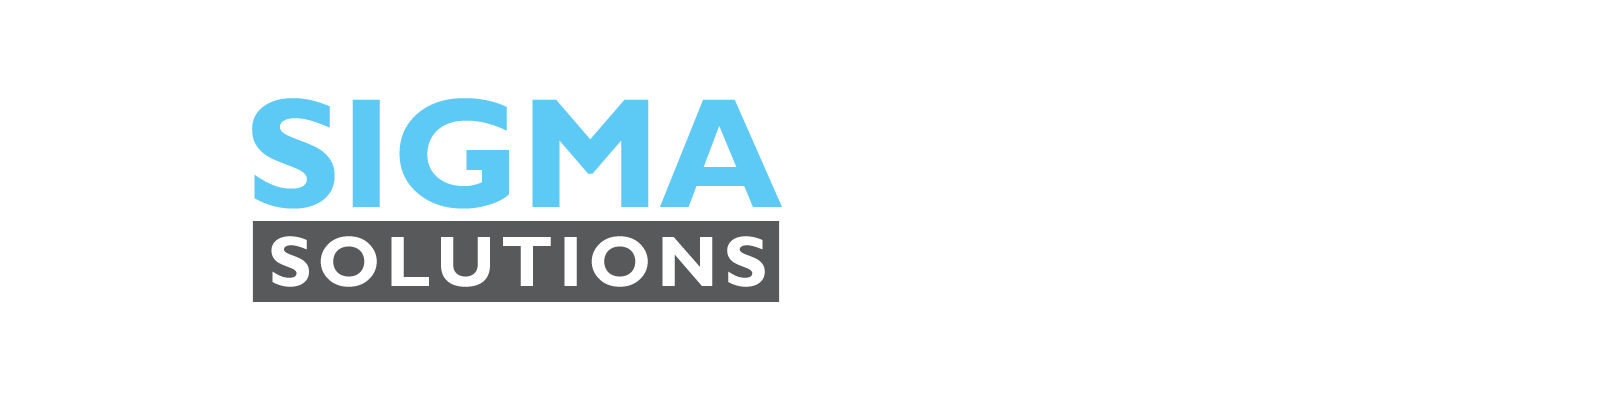 Γιατί να επιλέξετε την Sigma Solutions